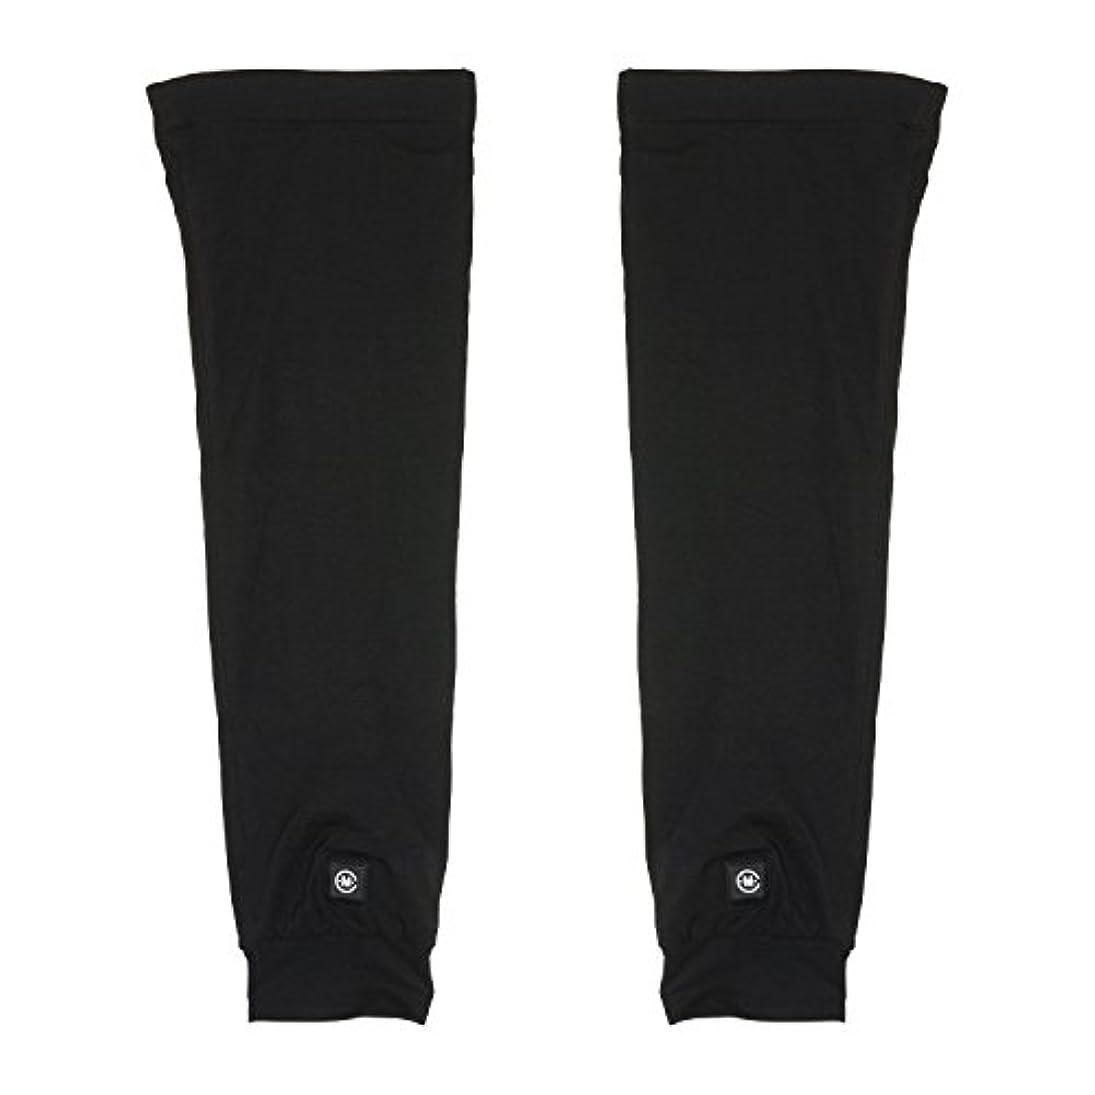 膨らみの間に固めるめちゃヒート 脚を温める 充電式電熱 レッグウォーマー [男女兼用 フリーサイズ 連続4時間使用] 防寒 保温 冷え性 冷え症 対策 バッテリー駆動 メンズ レディース